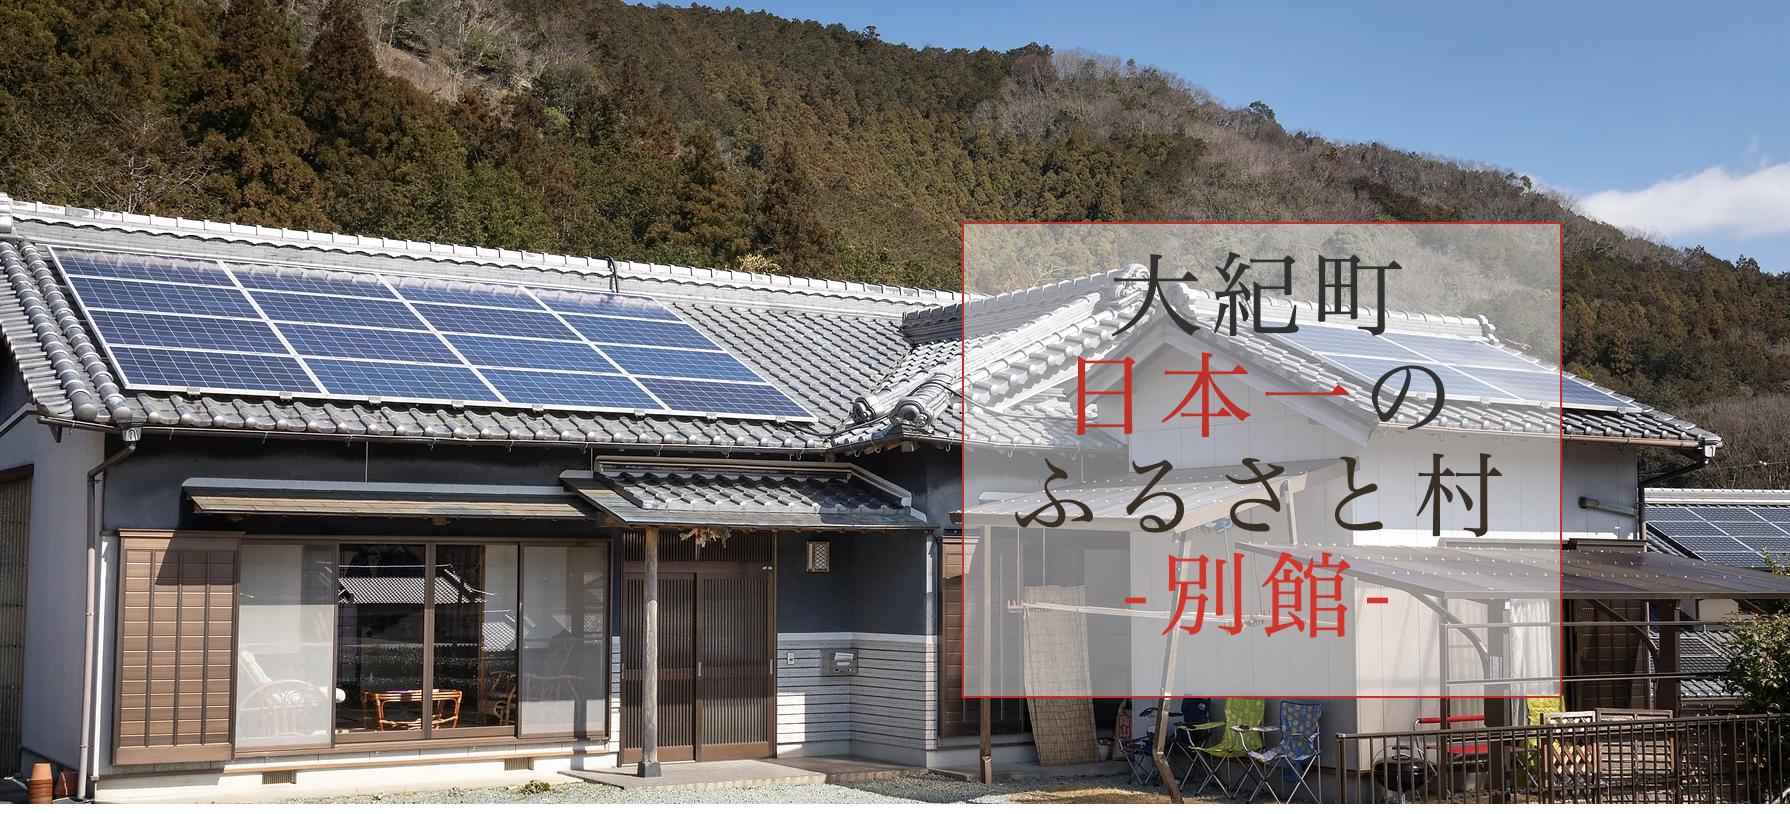 大紀町日本一のふるさと村別館の外観